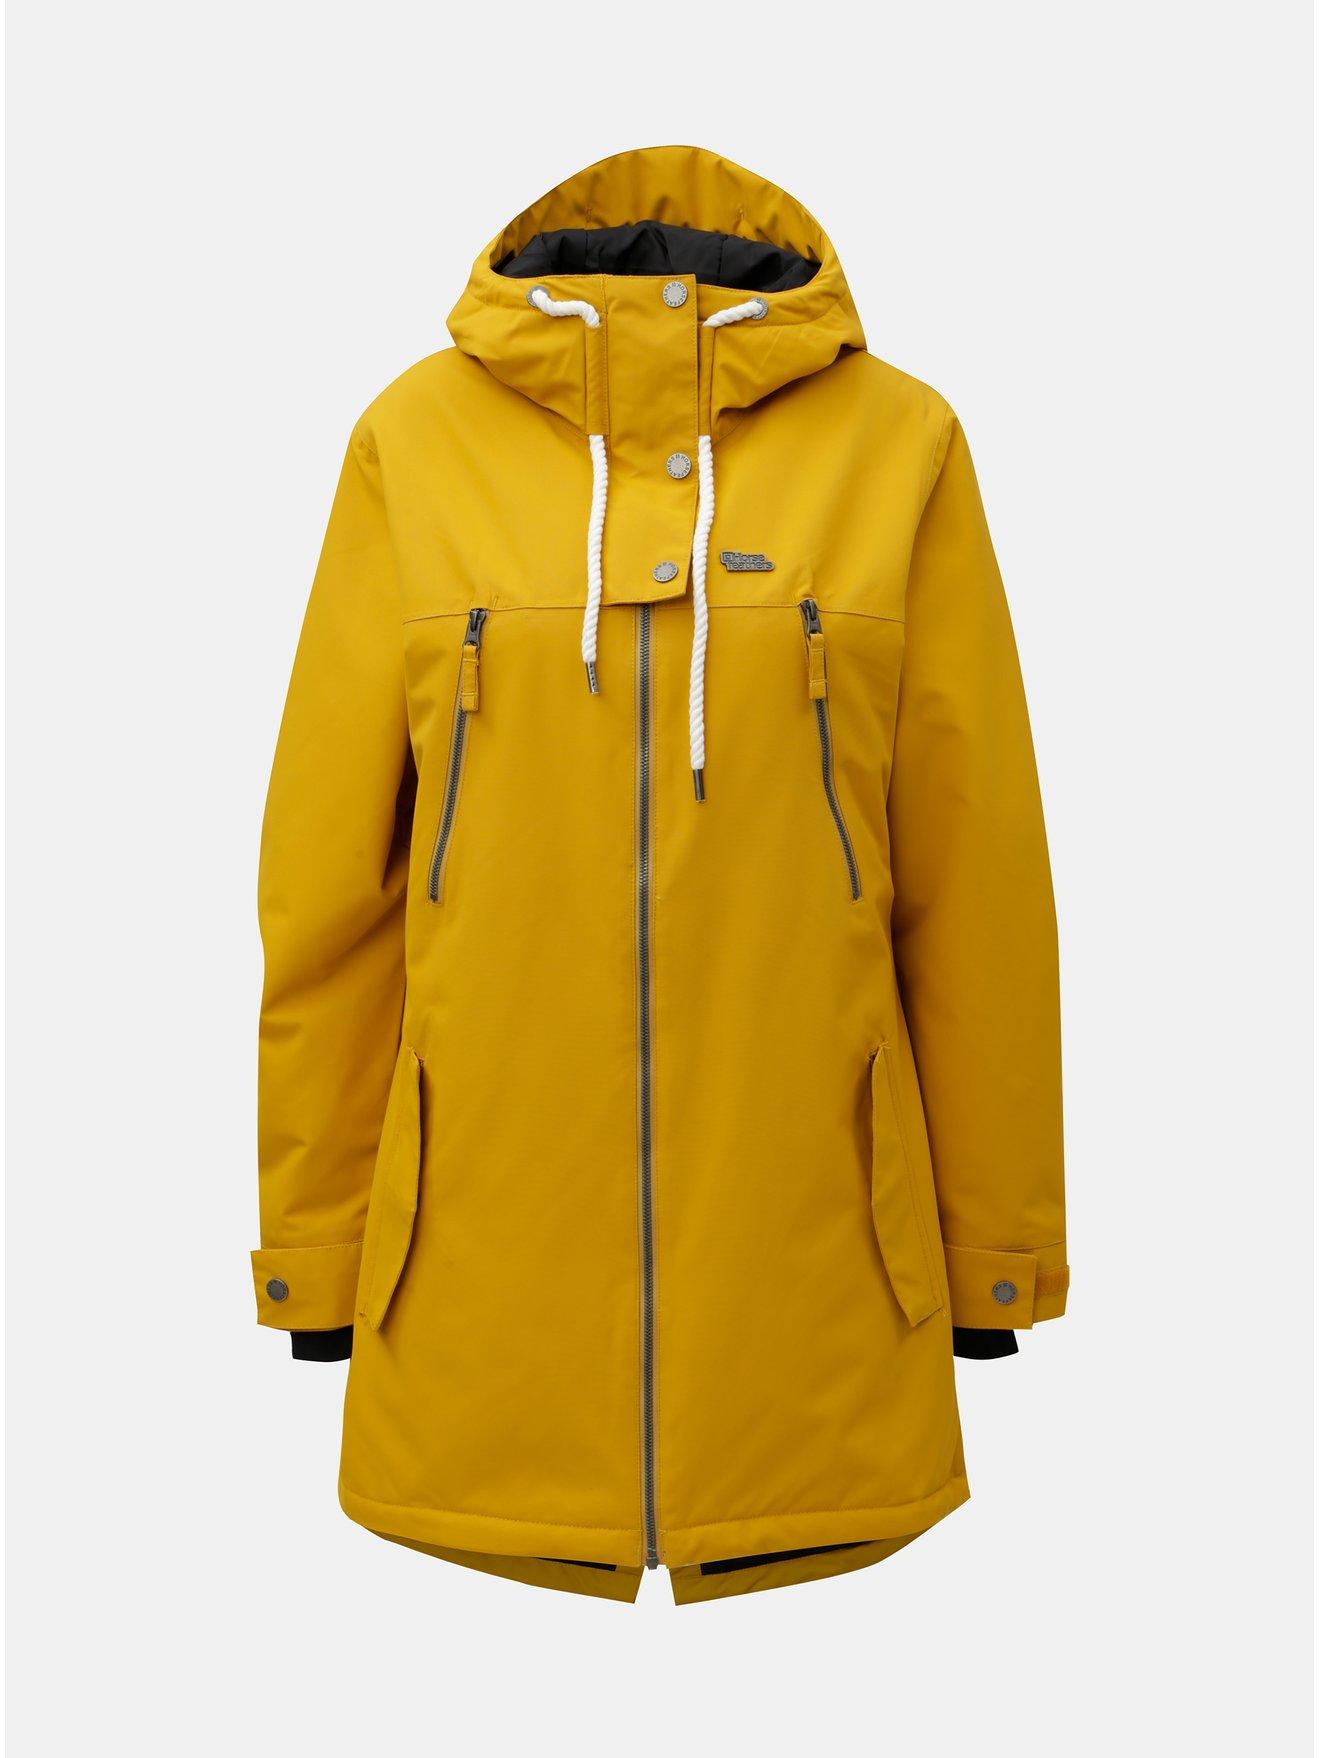 Žltá dámska funkčná dlhá zimná bunda Horsefeathers Chipy  10edfad3e11